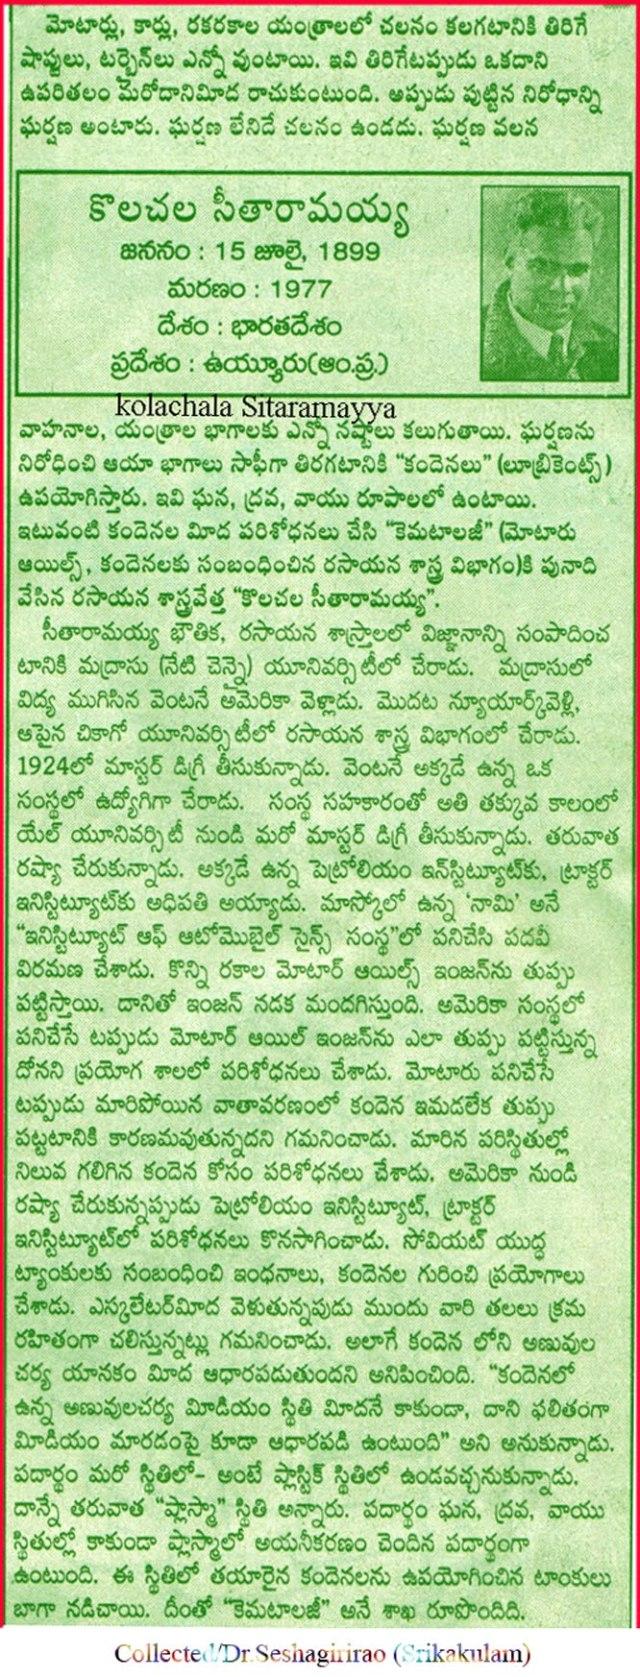 Kolachala Sitaramayya